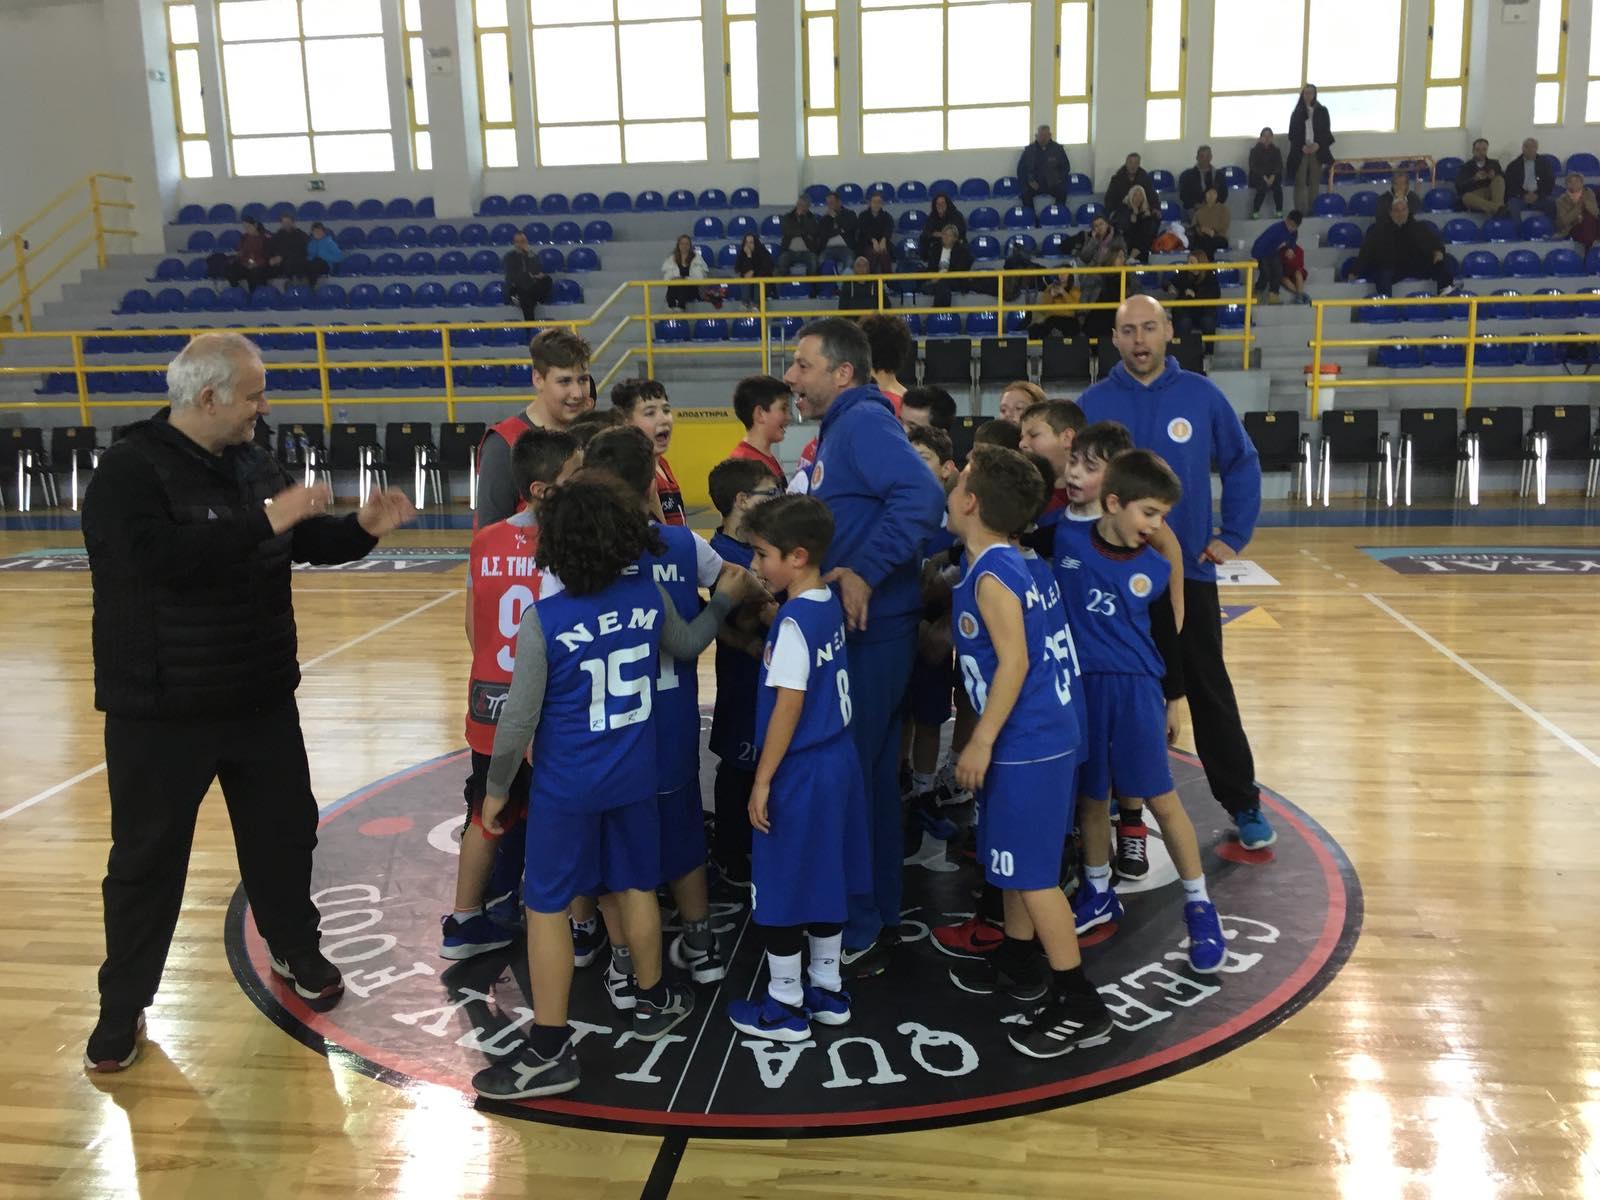 ΝΕΜ Μπασκετικό σχολείο: 10 παιχνίδια σε 2 μέρες